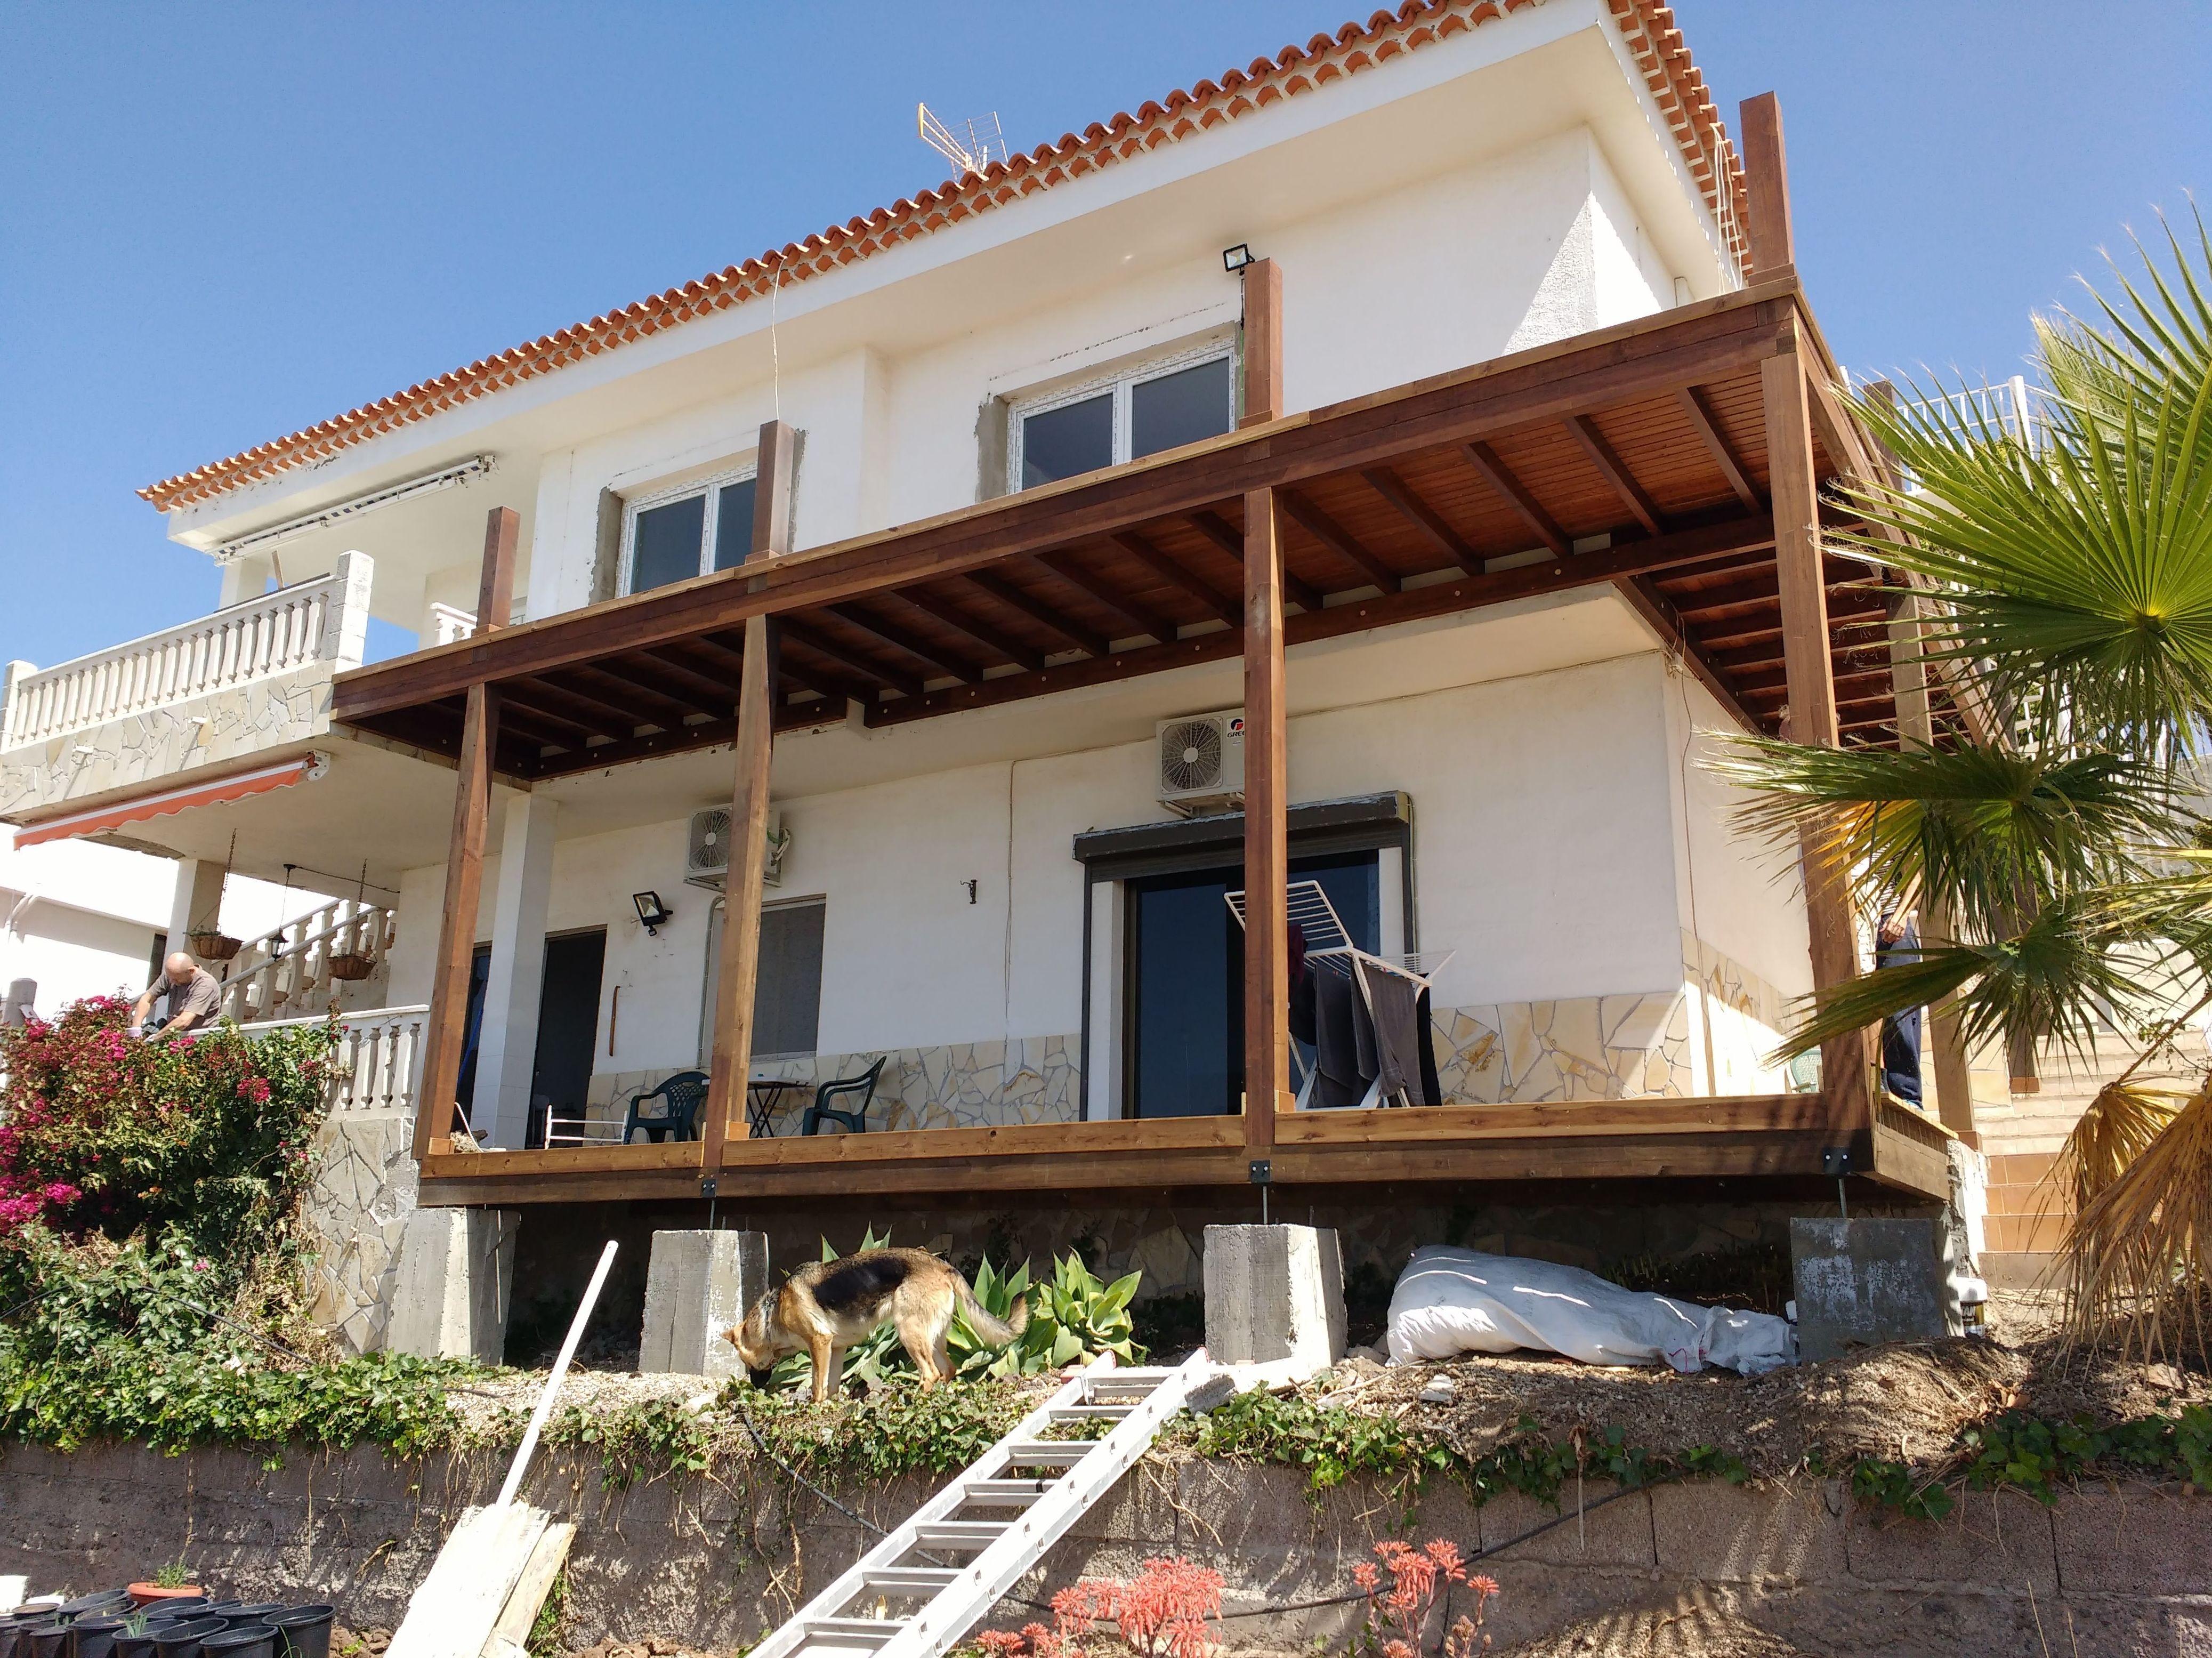 Balcón, deck de madera tenerife Sur